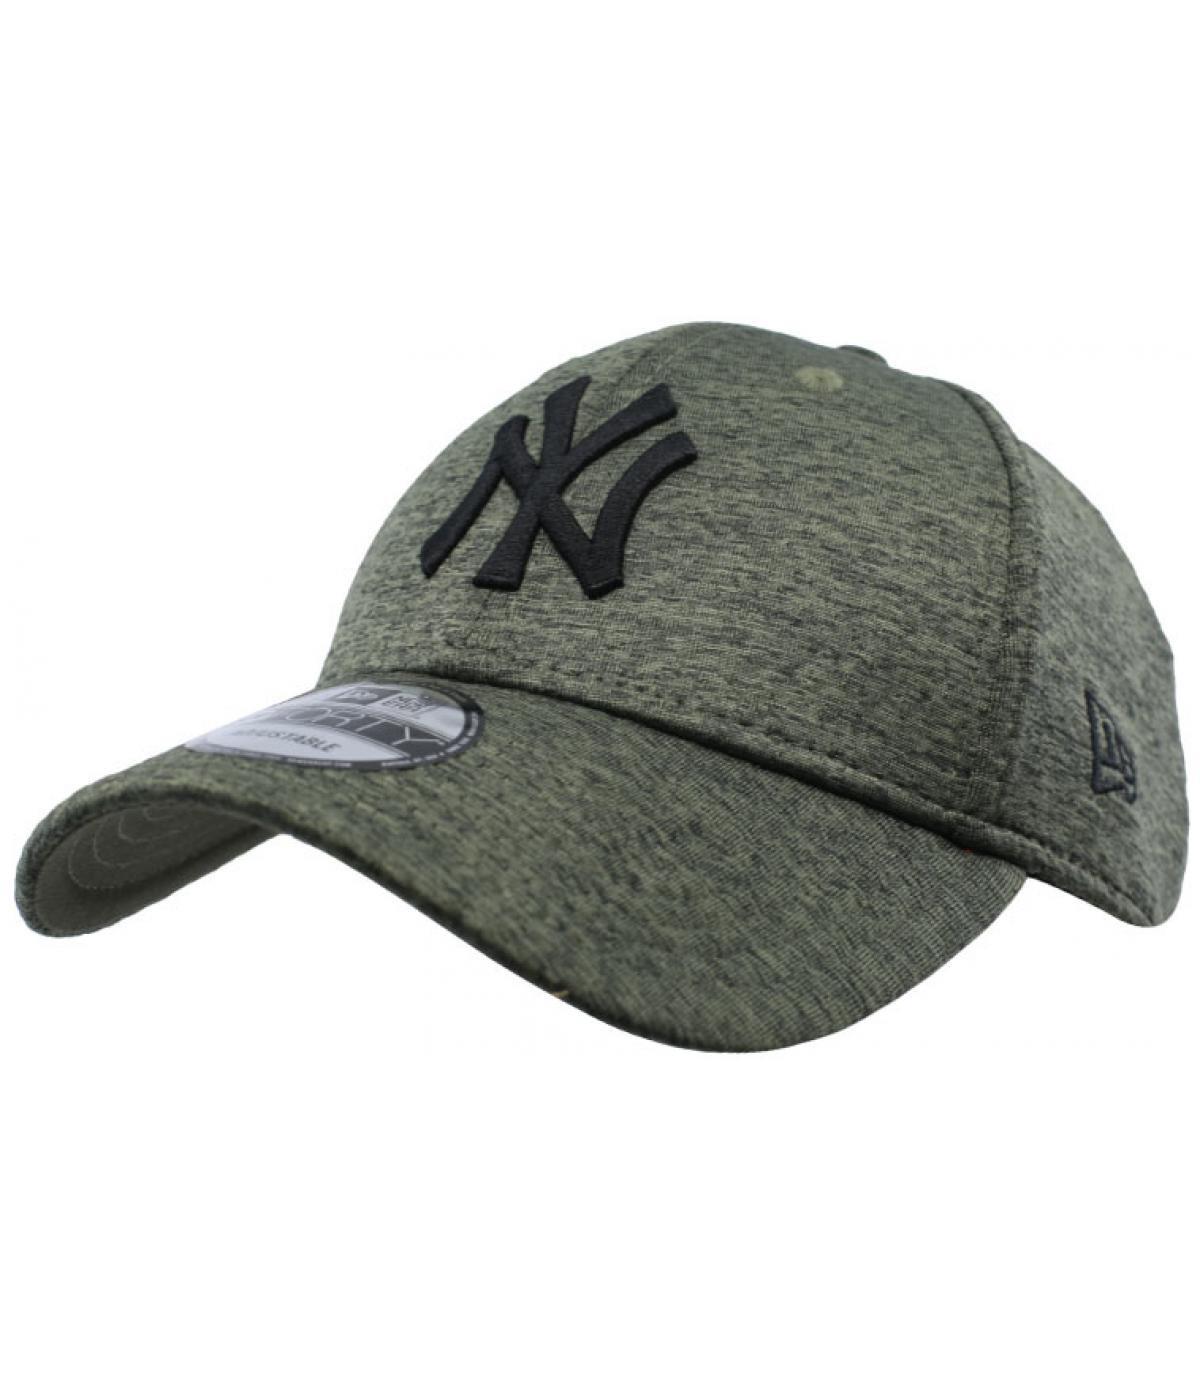 Dettagli NY Dryswitch Jersey 9Forty olive black - image 2